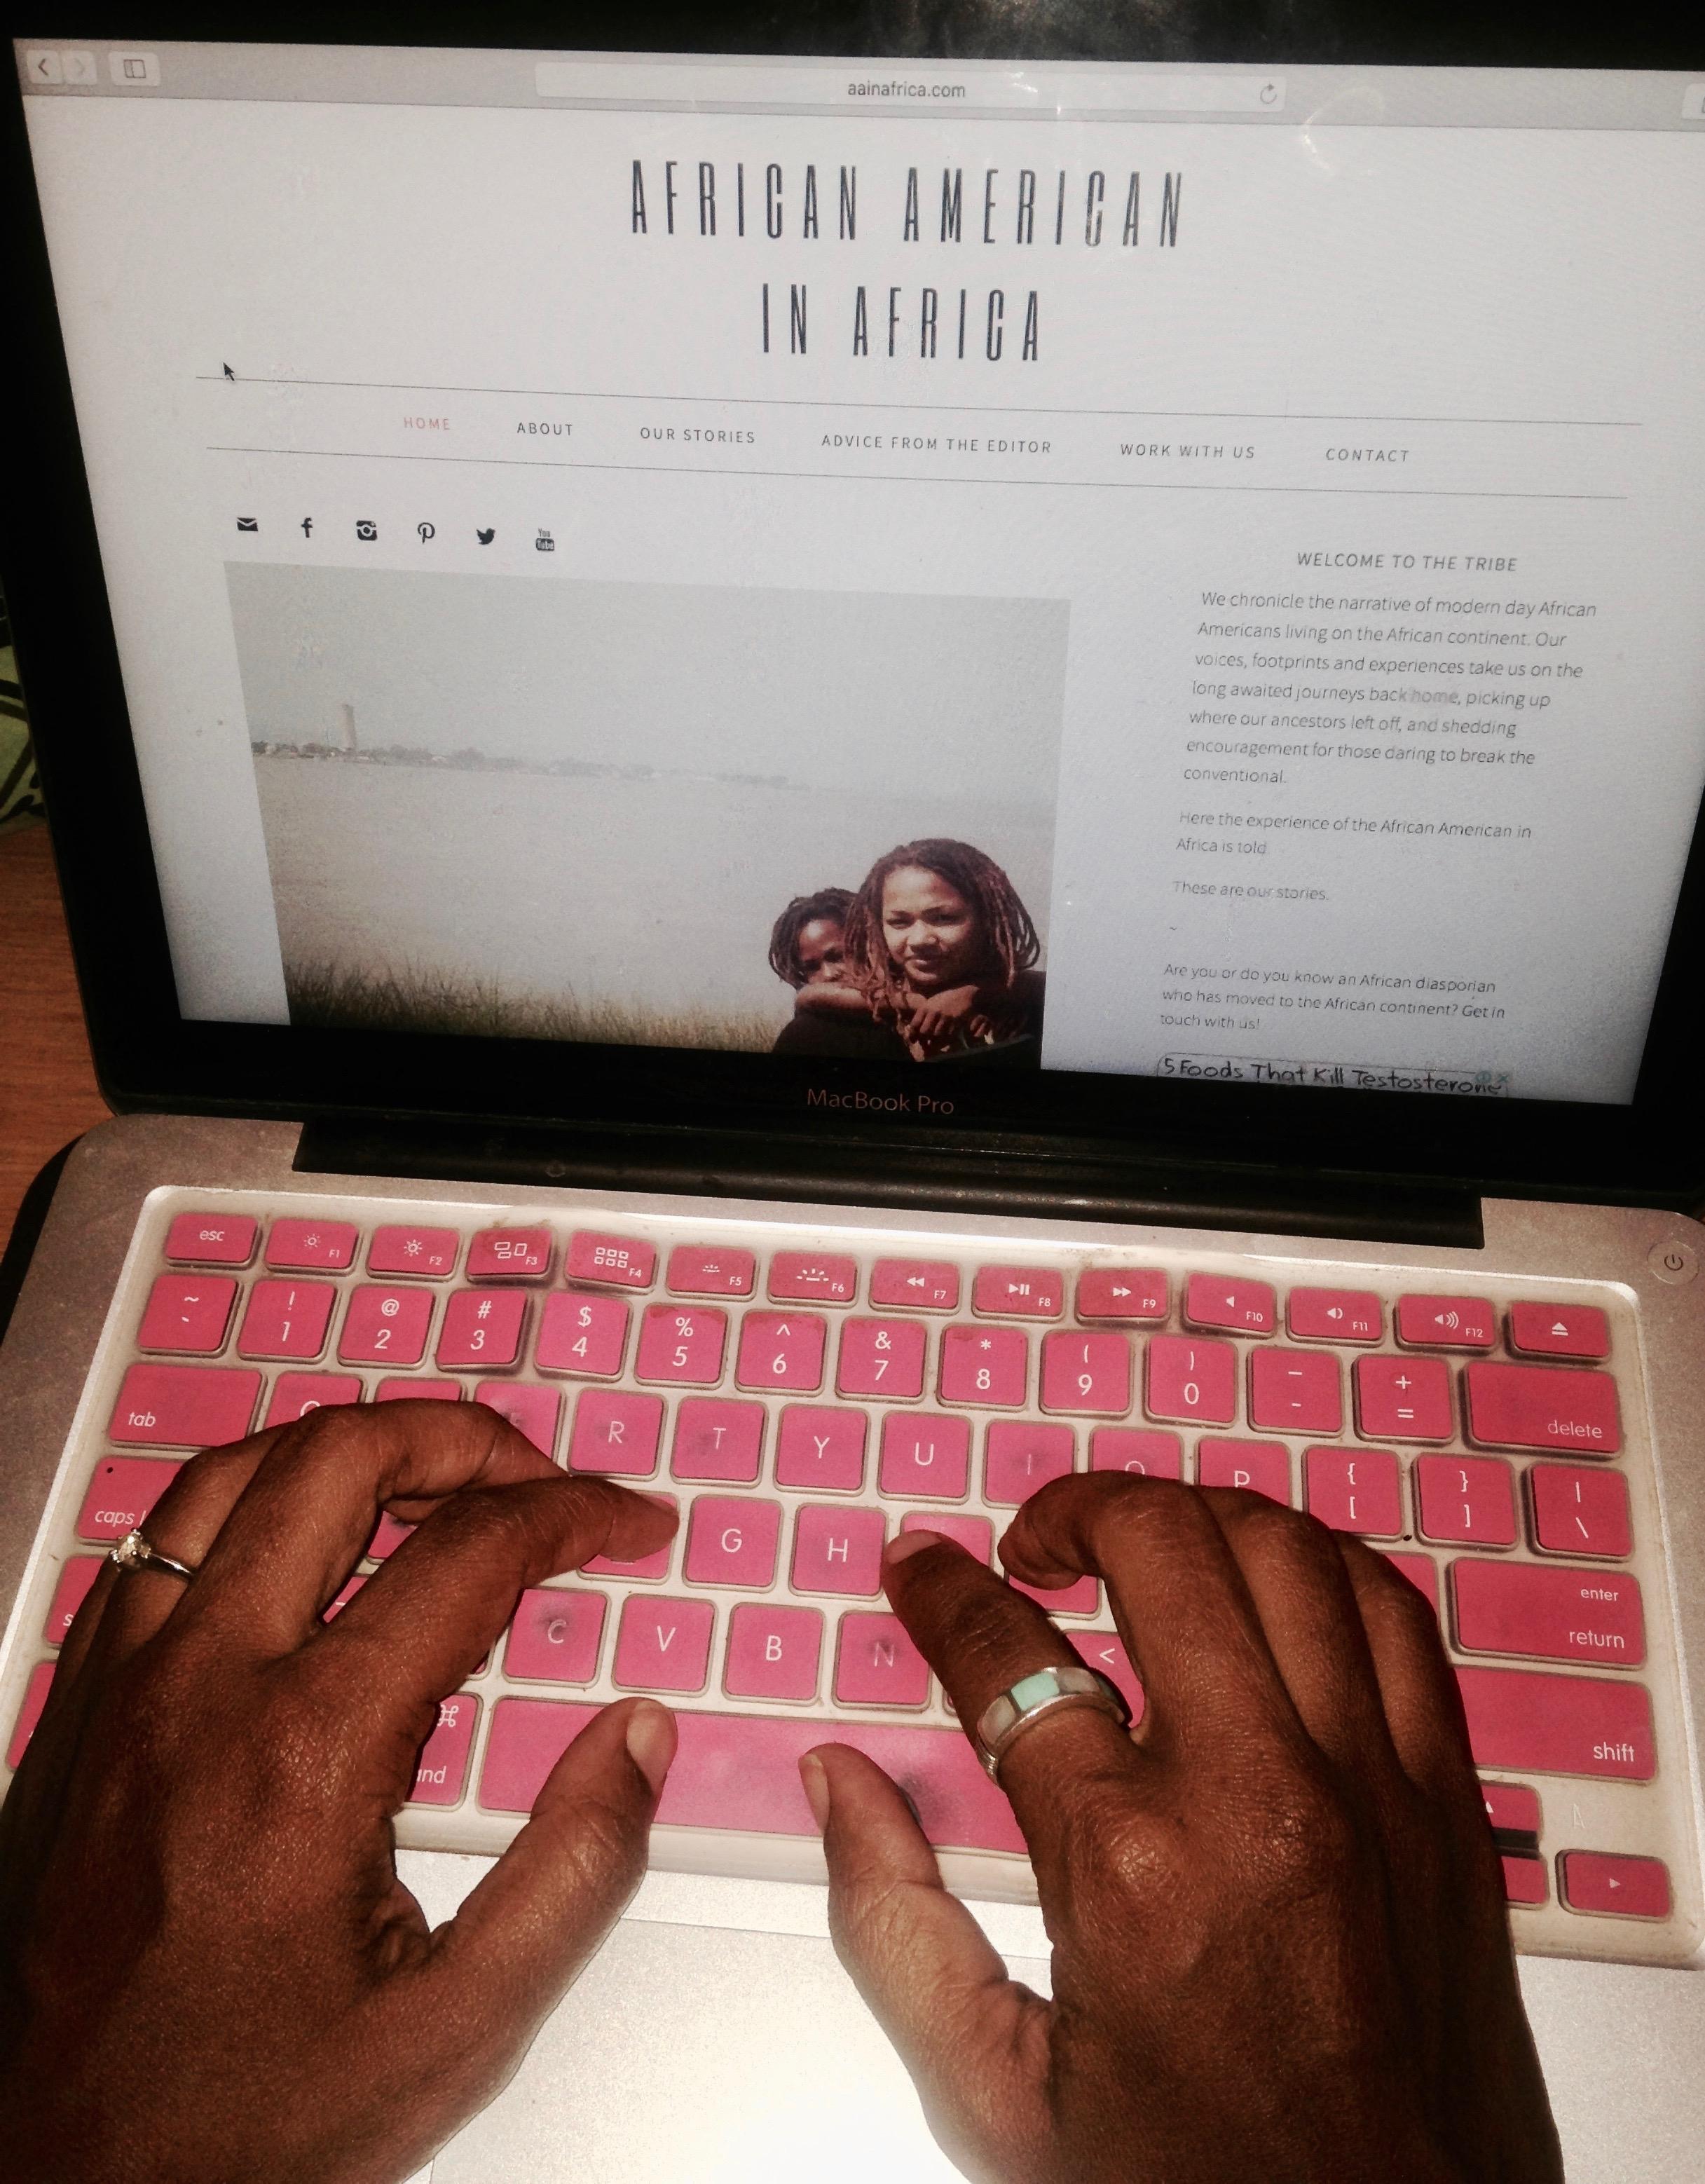 I keep my MacBook Pro's keyboard covered!